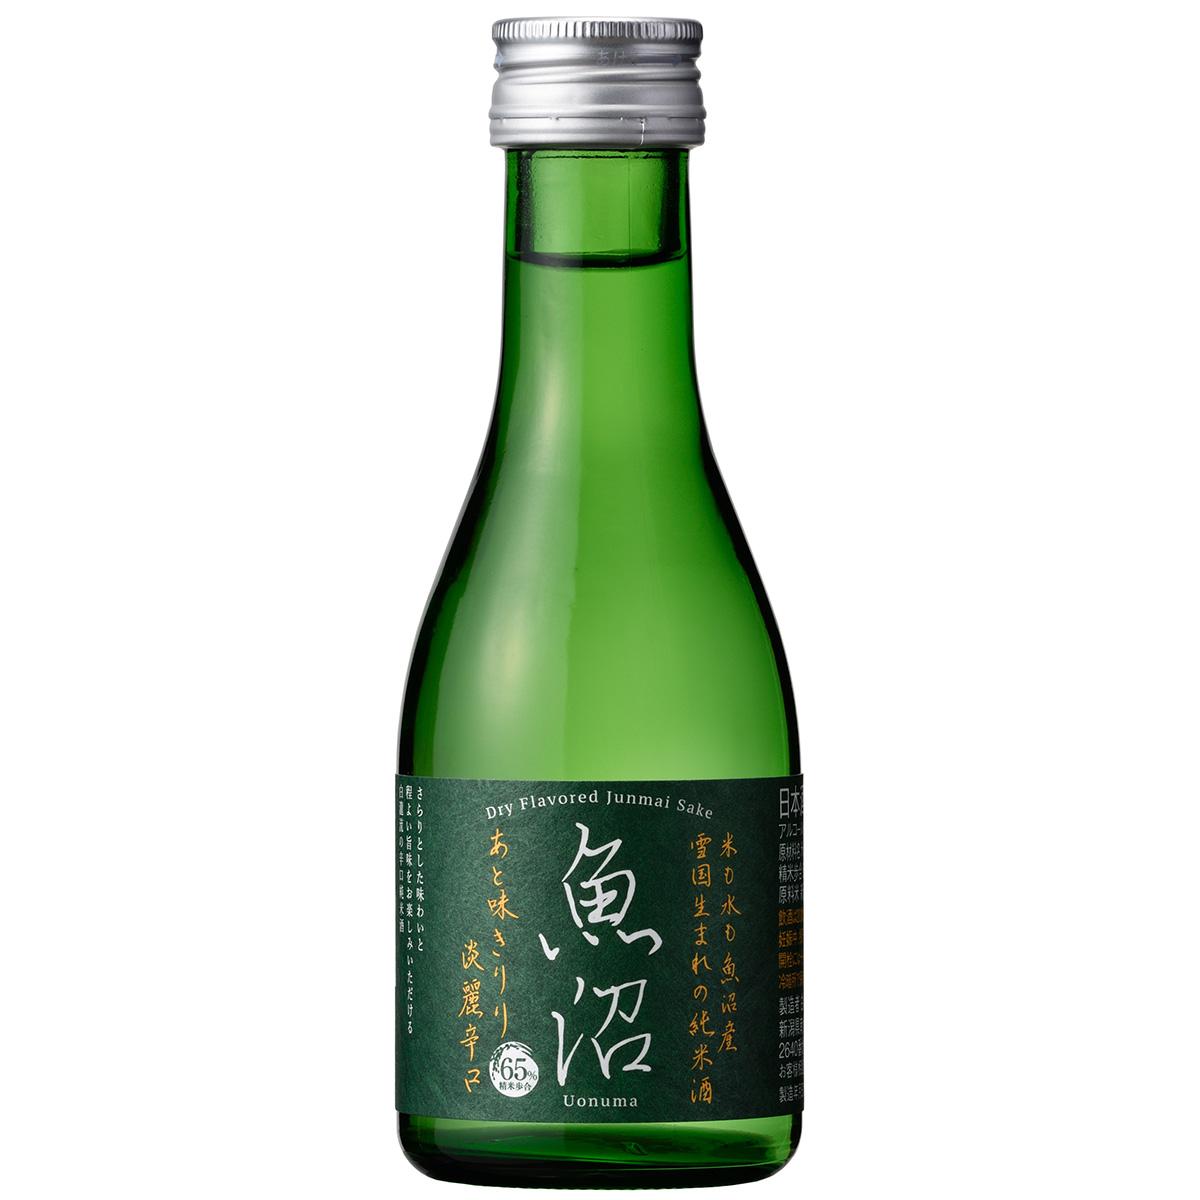 魚沼産の米のみで仕込んだ辛口の純米酒 在庫限り 白瀧酒造 淡麗辛口魚沼 純米 180ml 日本酒 ギフト 推奨 新潟